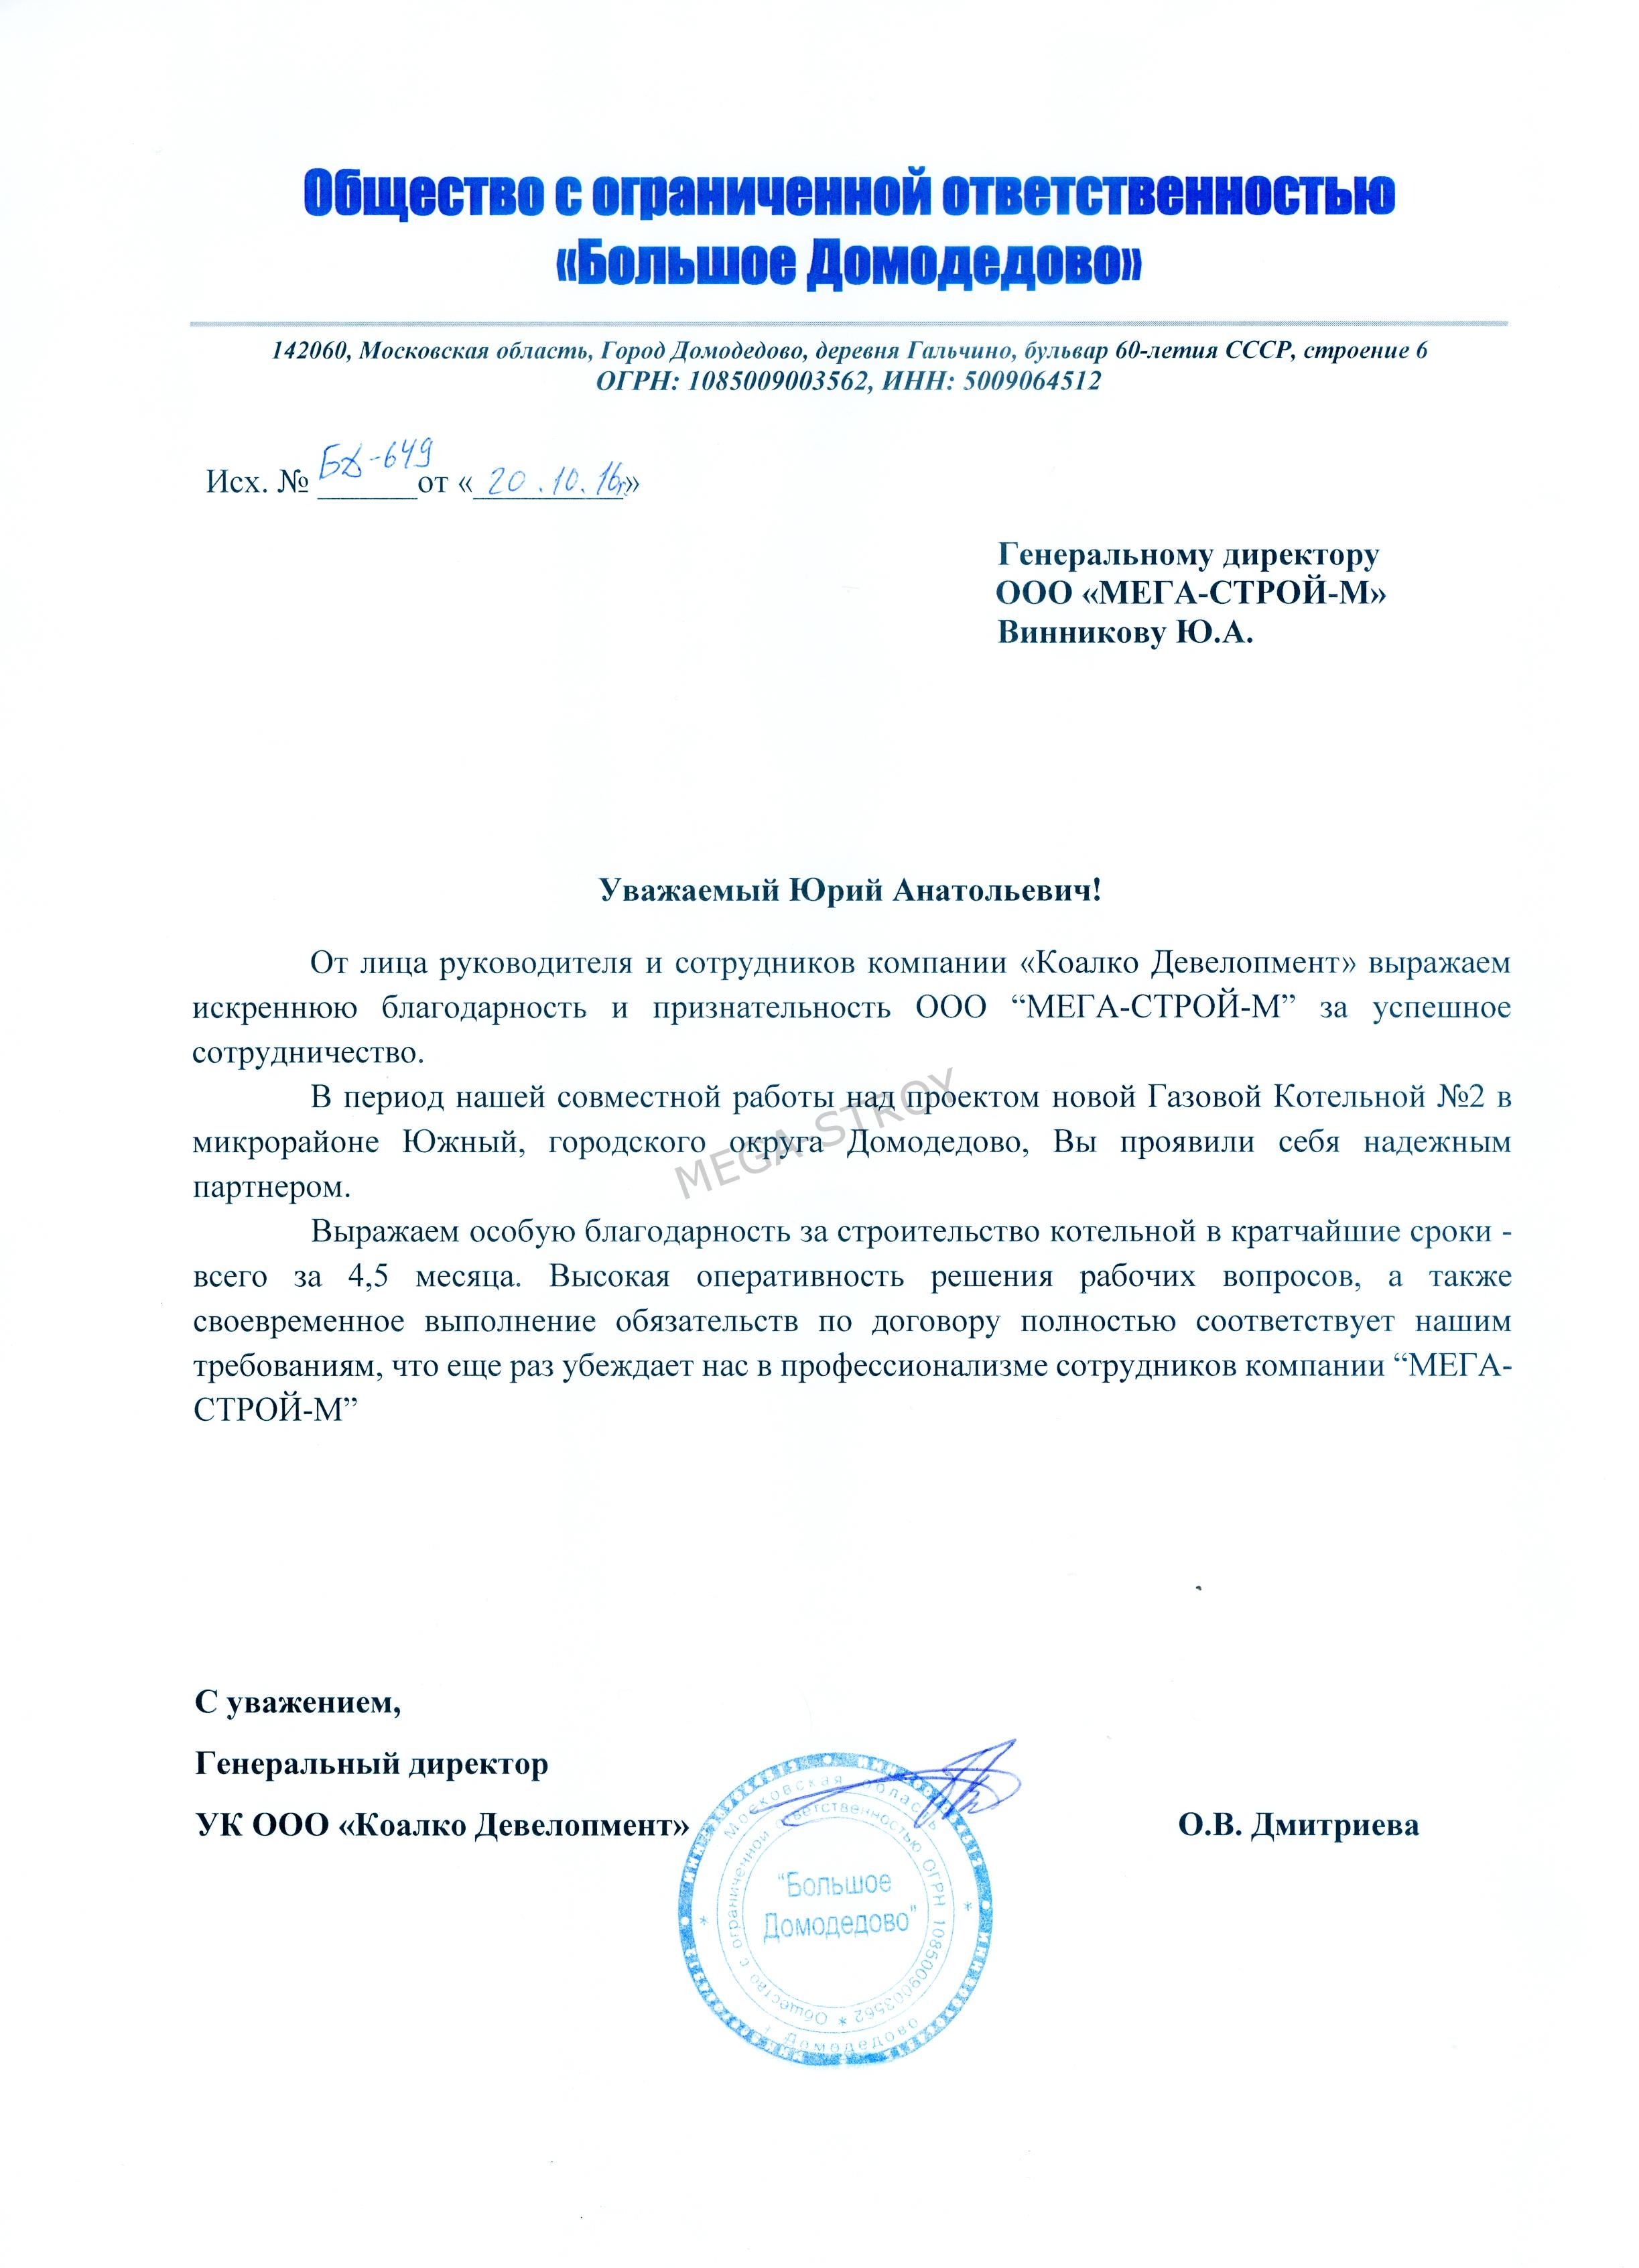 Рекомендательное письмо от Coalco | МЕГА-СТРОЙ